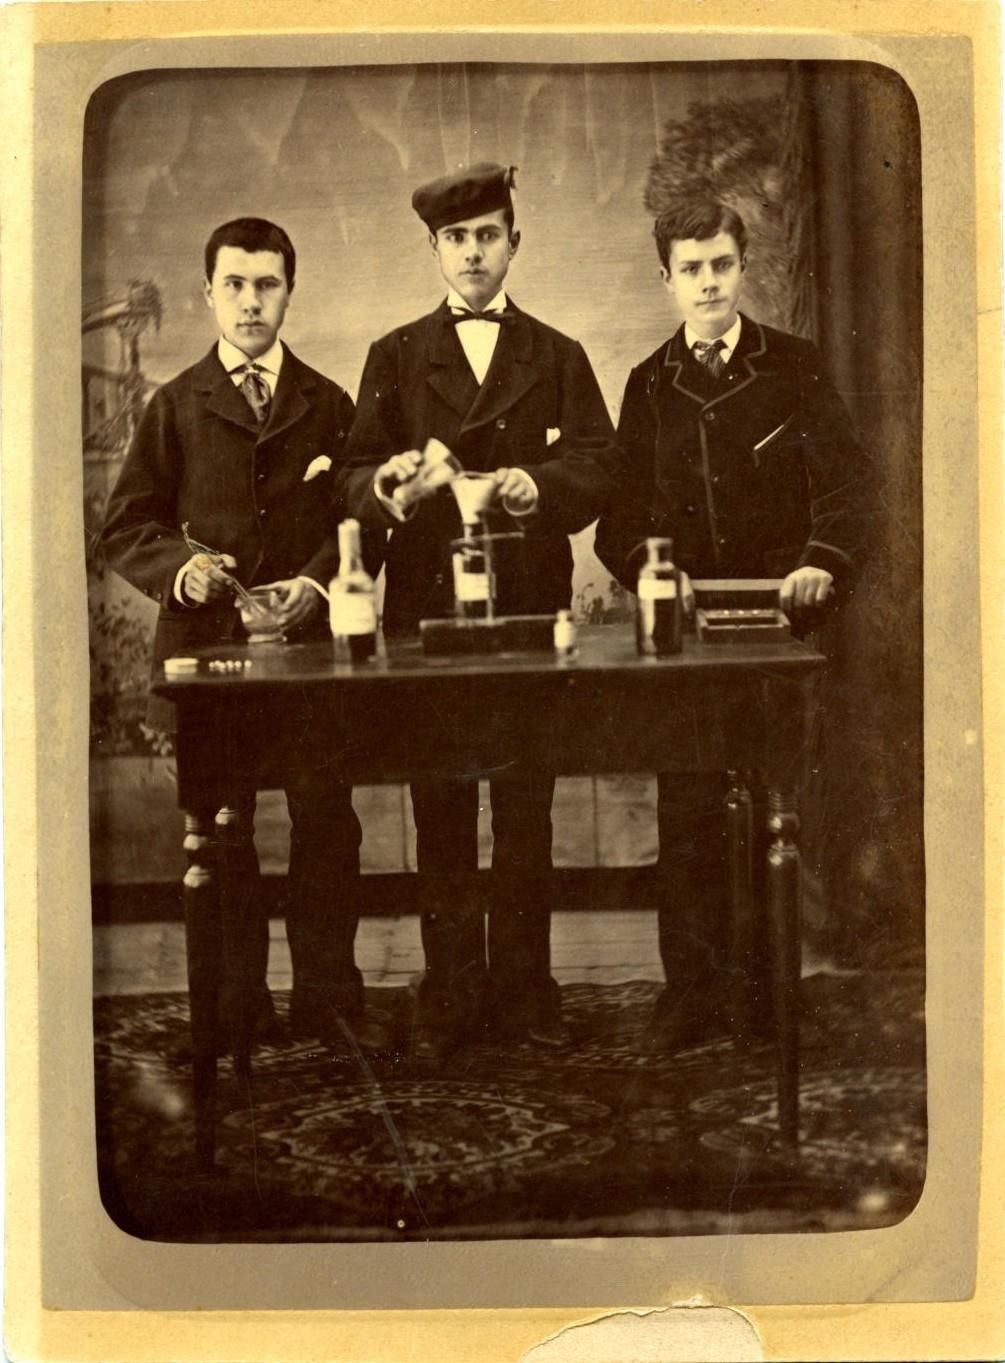 zb.-Marcelino Román Martínez (a la derecha) de boticario*